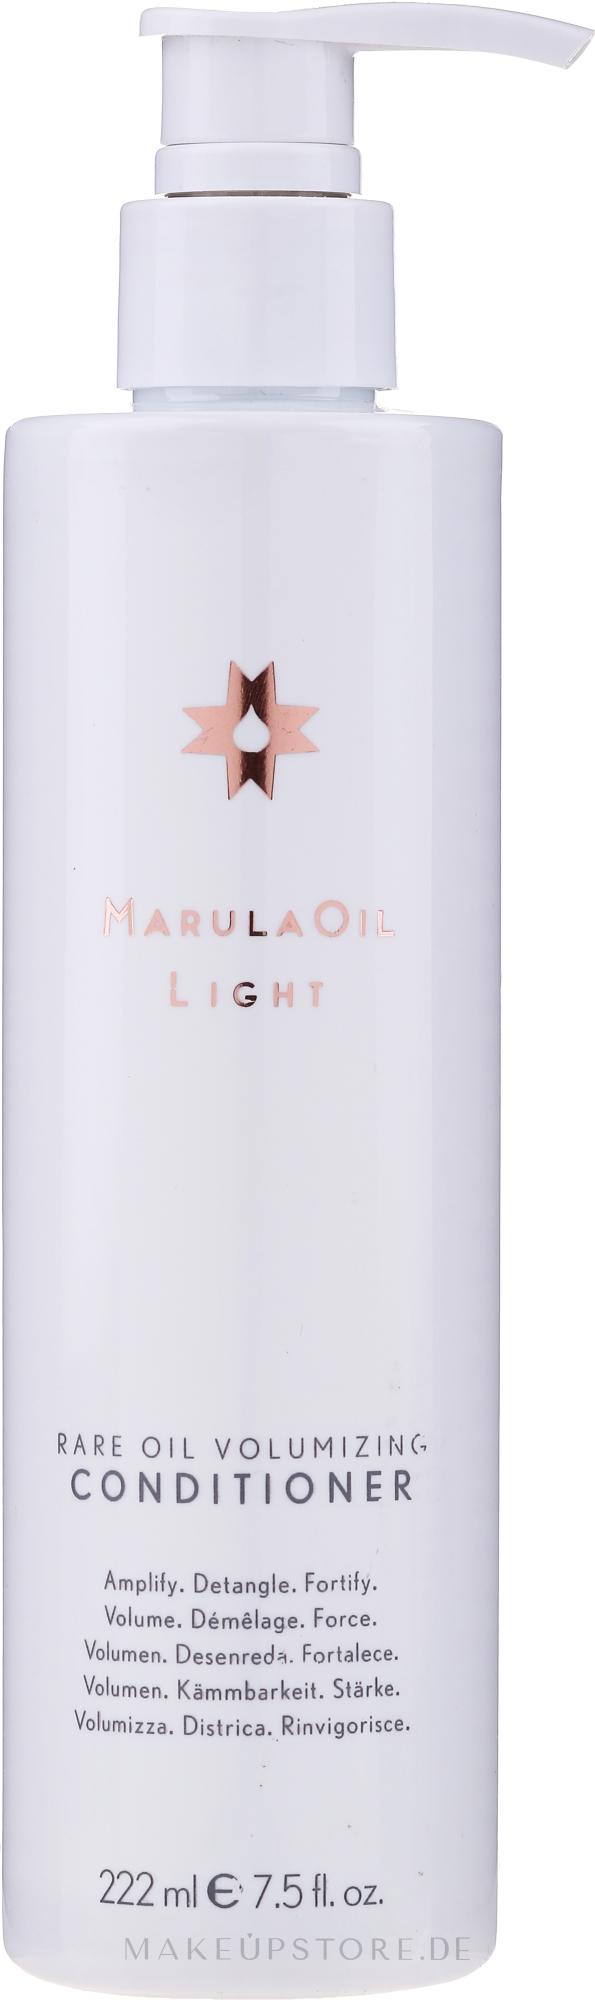 Conditioner mit Marulaöl für mehr Volumen - Paul Mitchell Marula Oil Light Volumizing Conditioner — Bild 222 ml